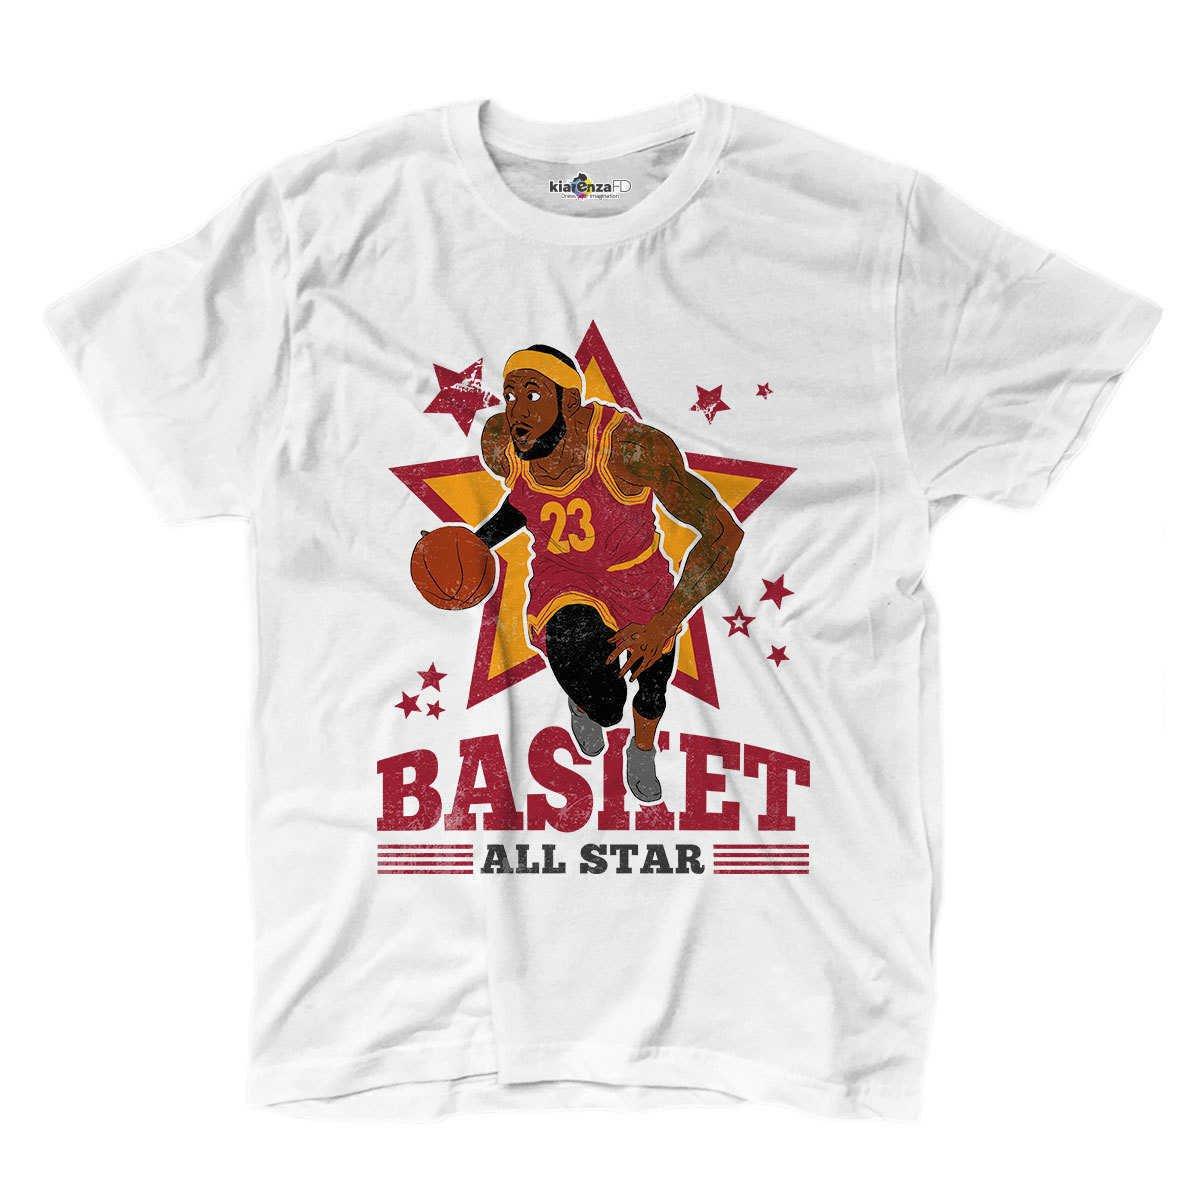 Camiseta camiseta Baloncesto Vintage parodia Le Bron All Star King ...